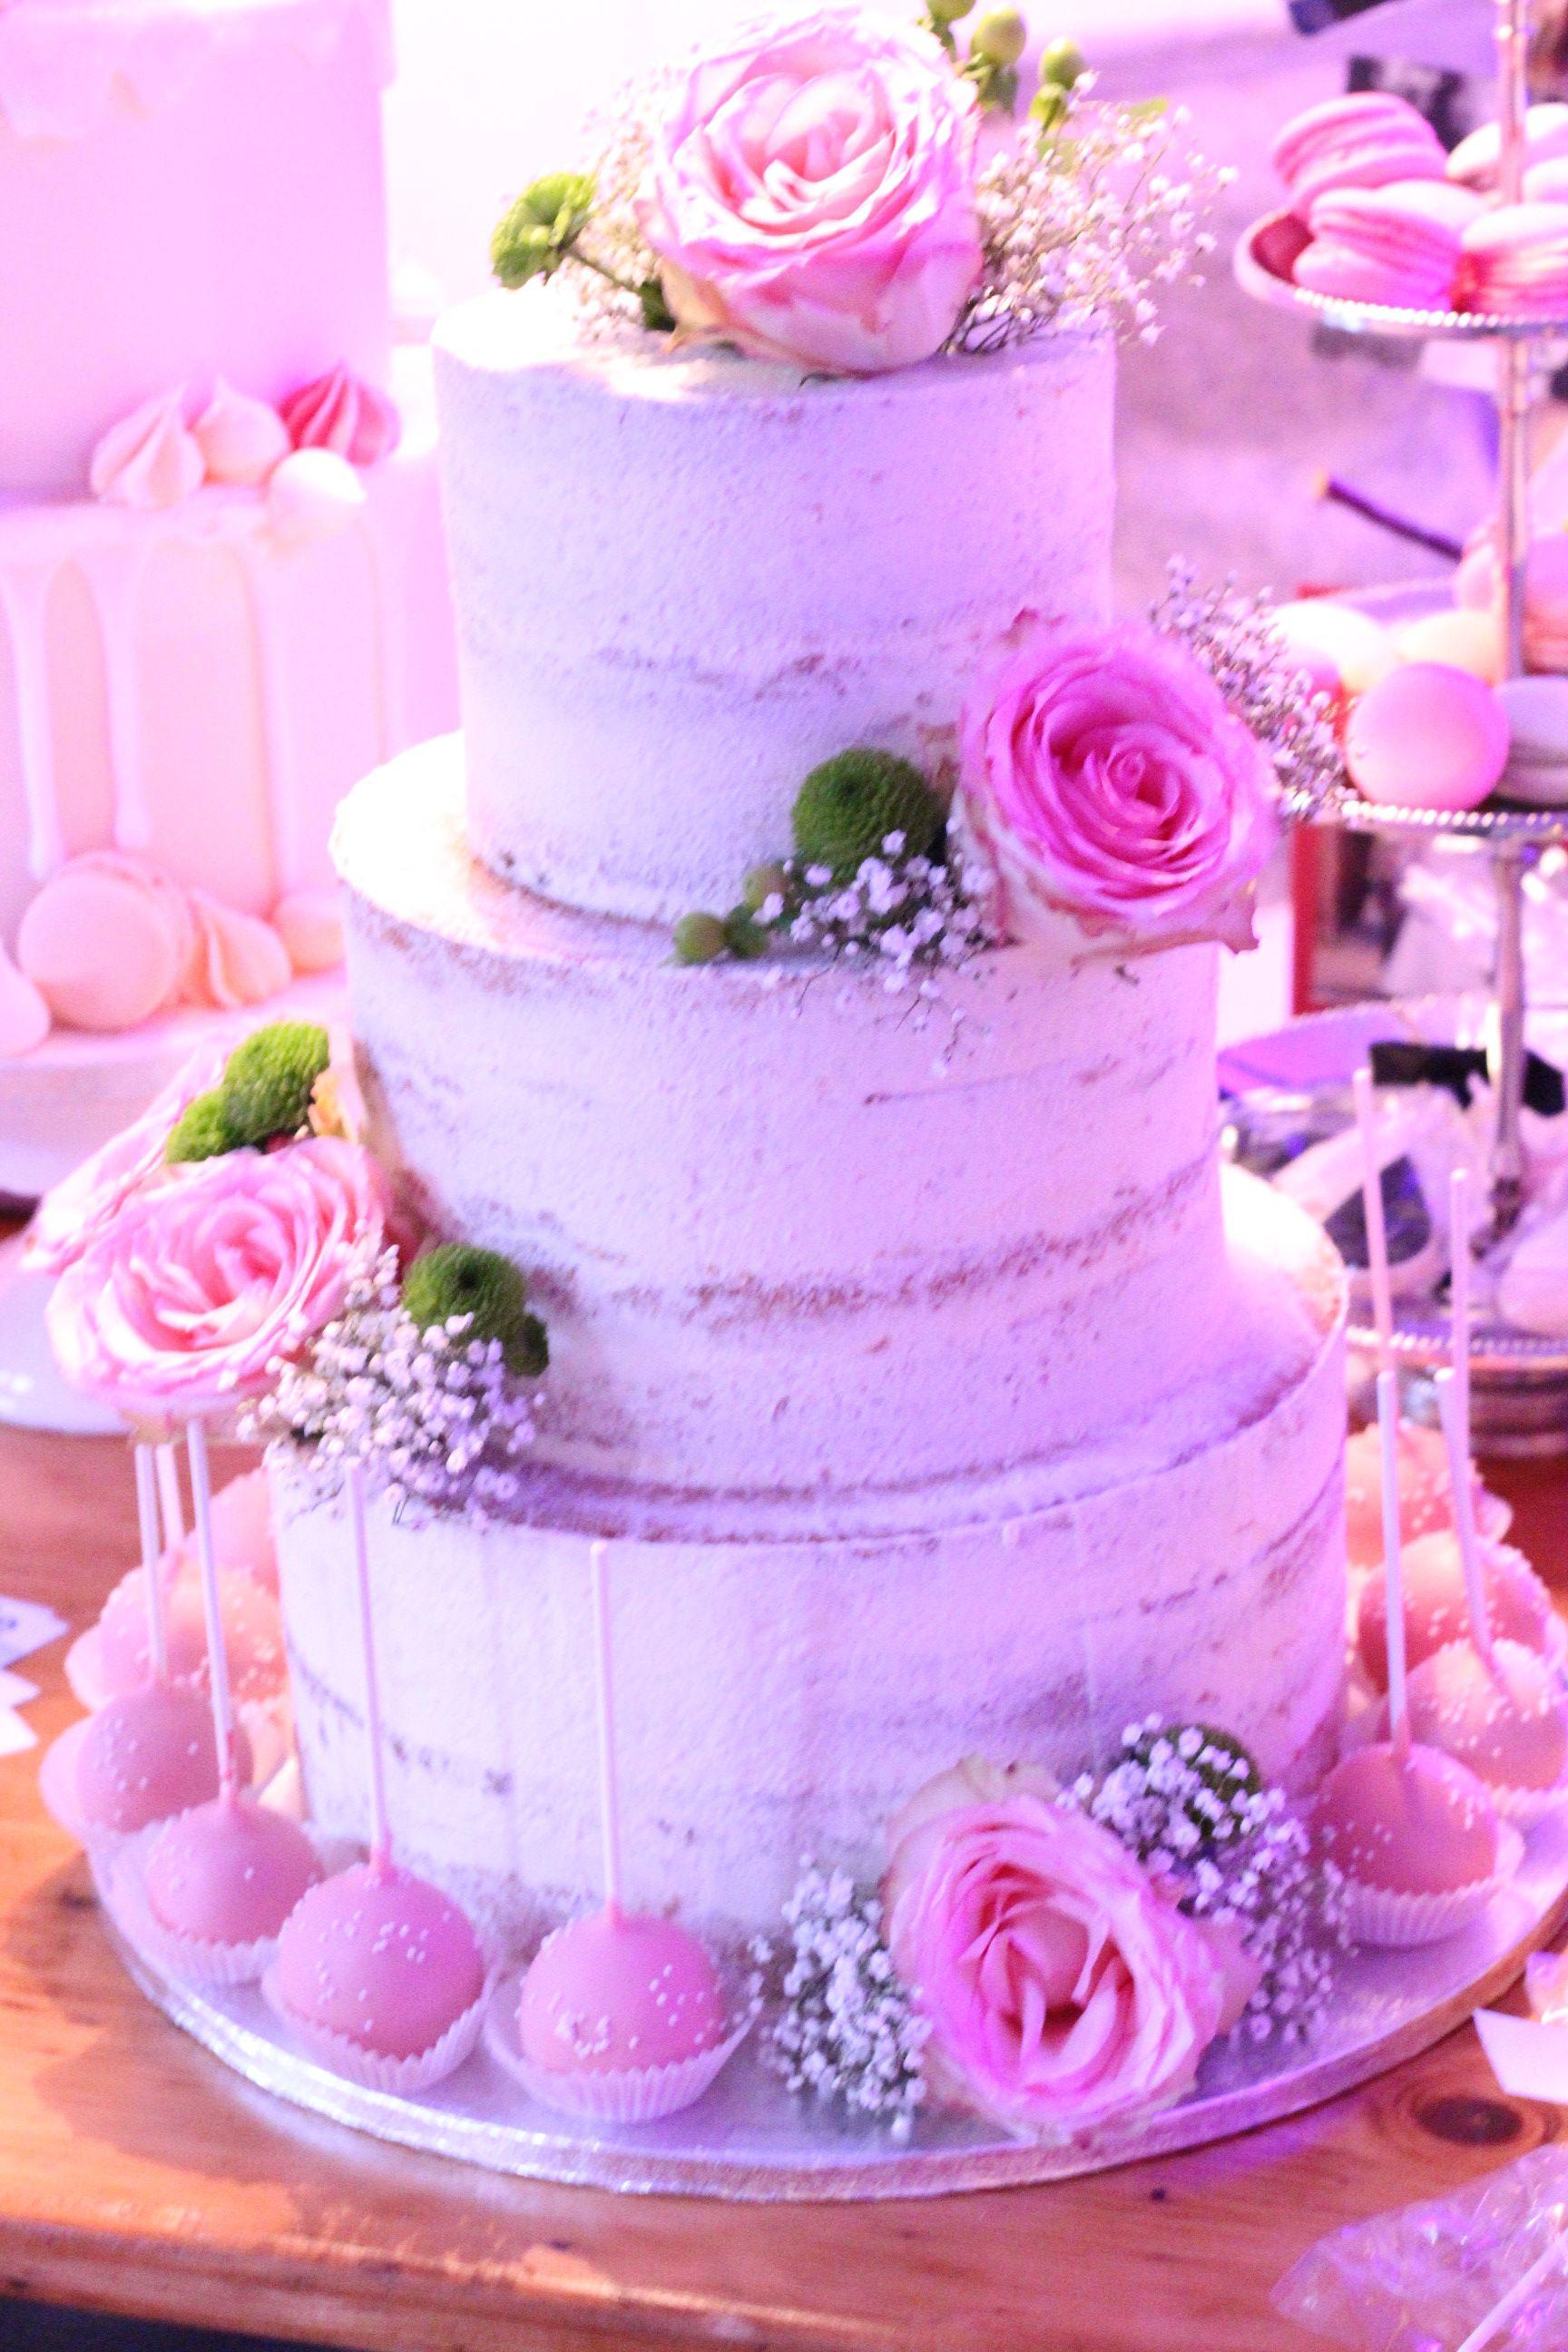 Naked Cake Hochzeitstorte Mit Echten Blumen Und Cakepops Naked Cake